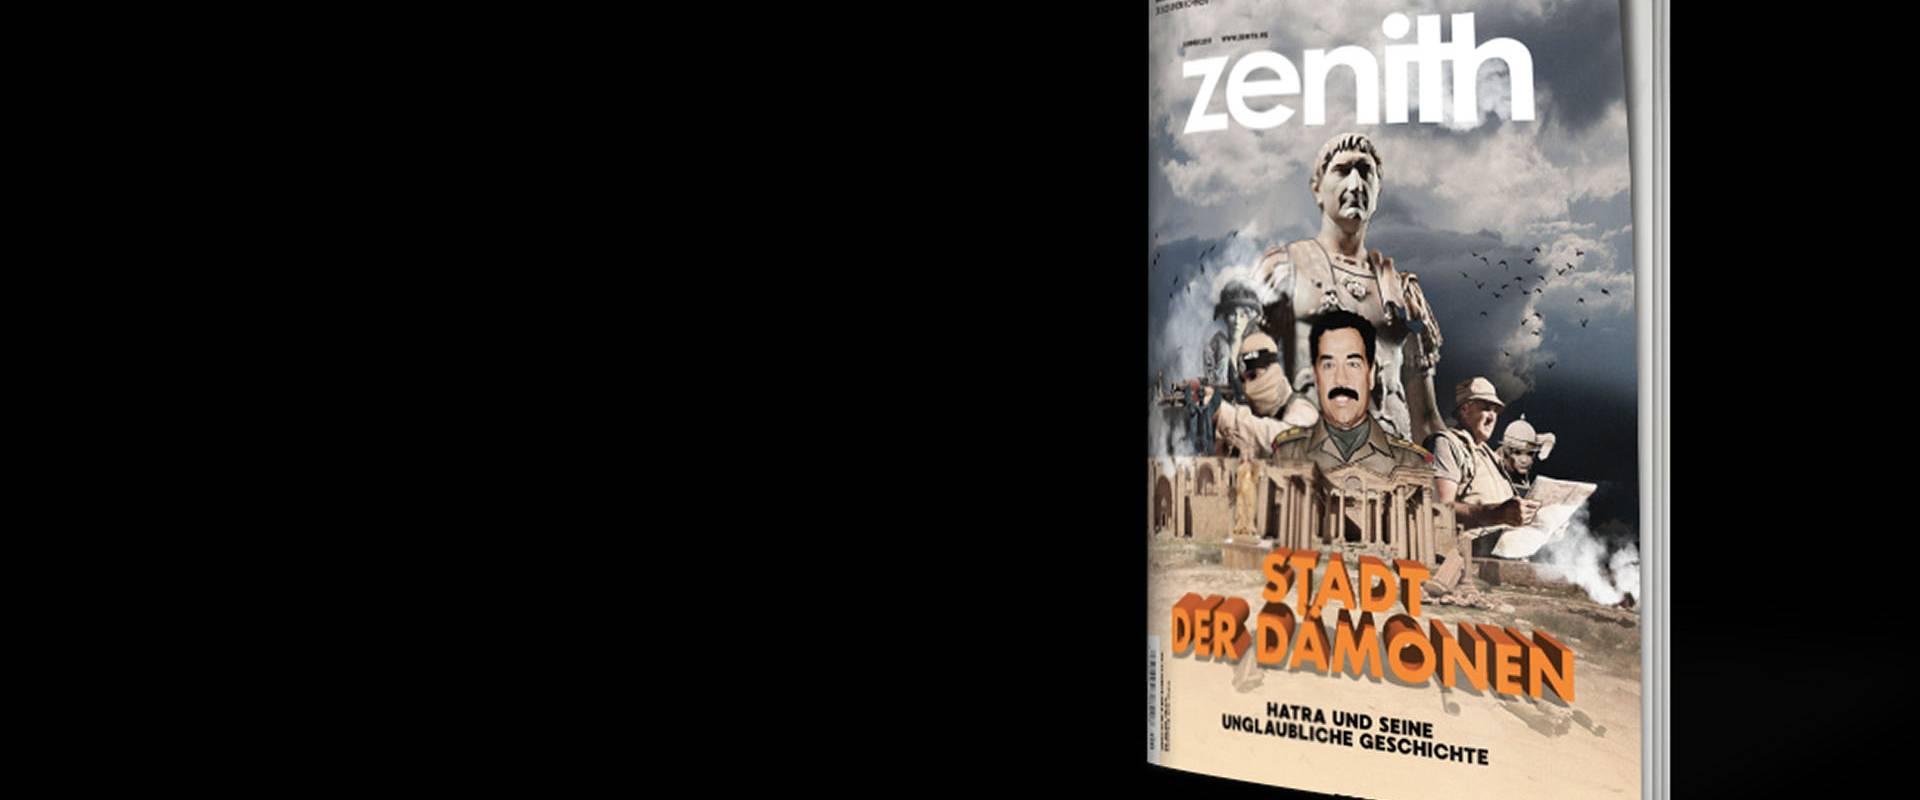 zenith 01/19: Die Stadt der Dämonen